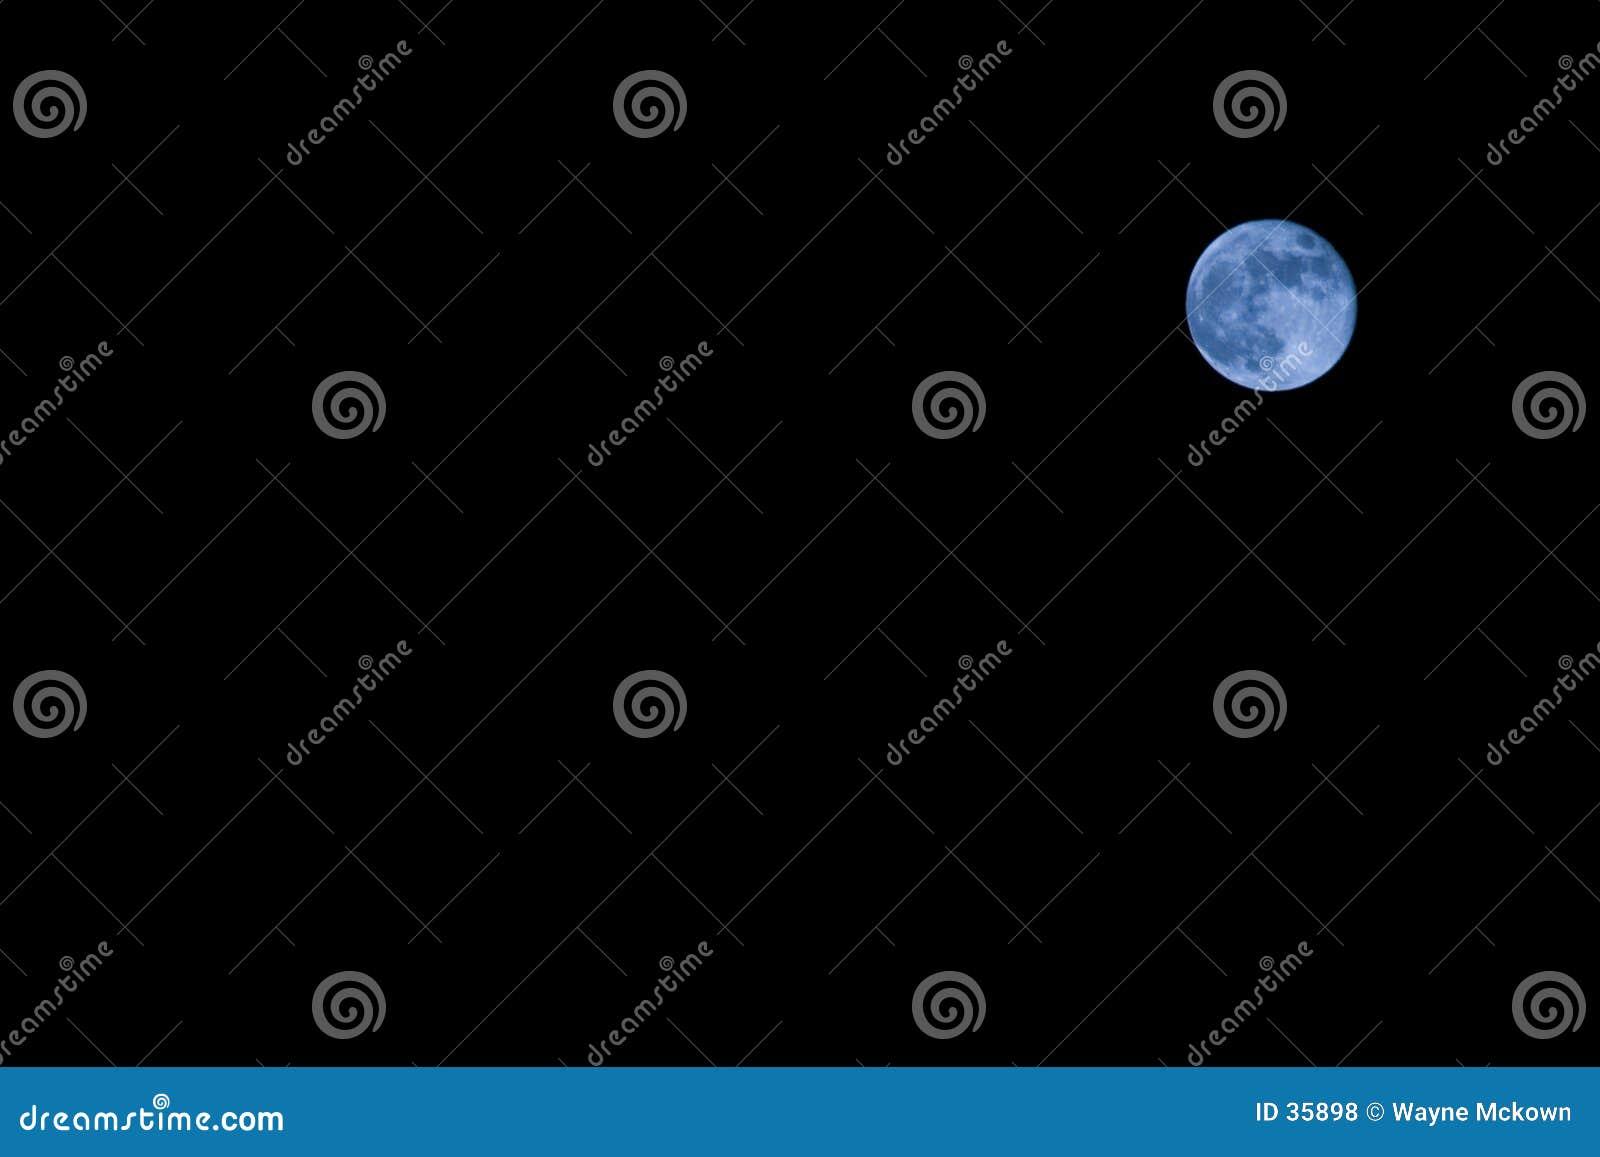 Einmal in einem blauen Mond